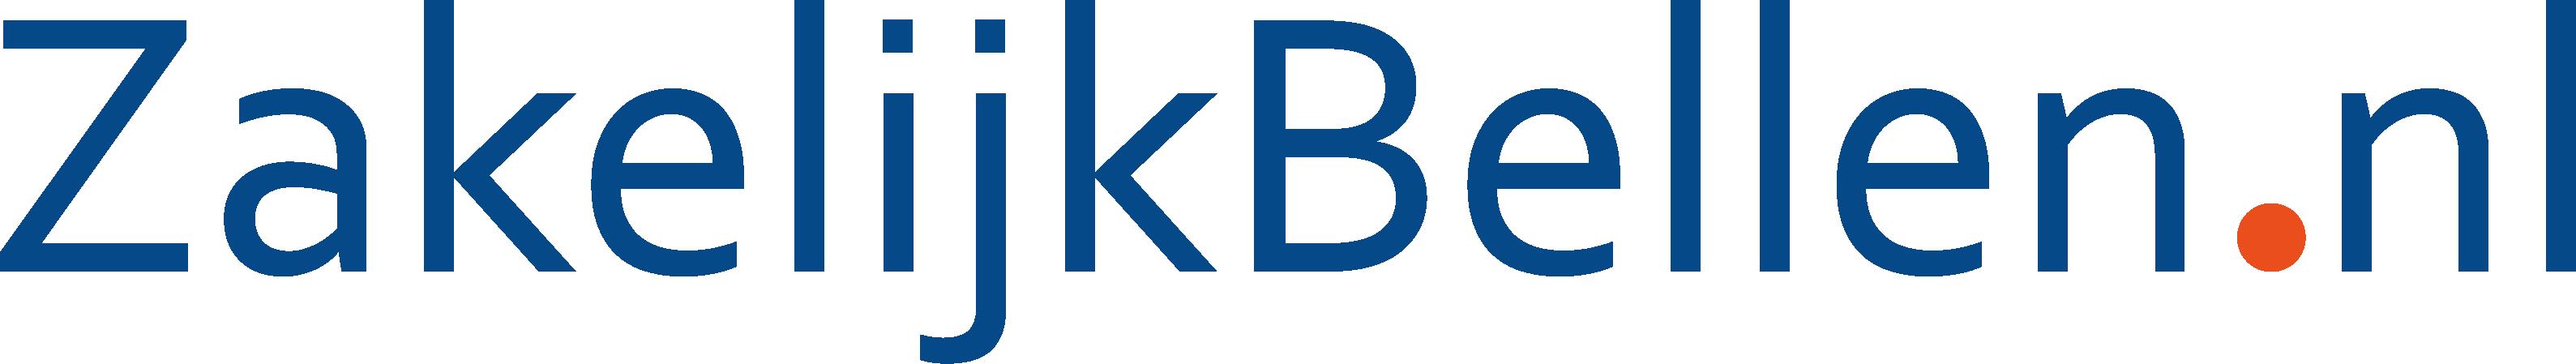 Zakelijkbellen.nl dé plek voor zakelijke telefoon abonnementen